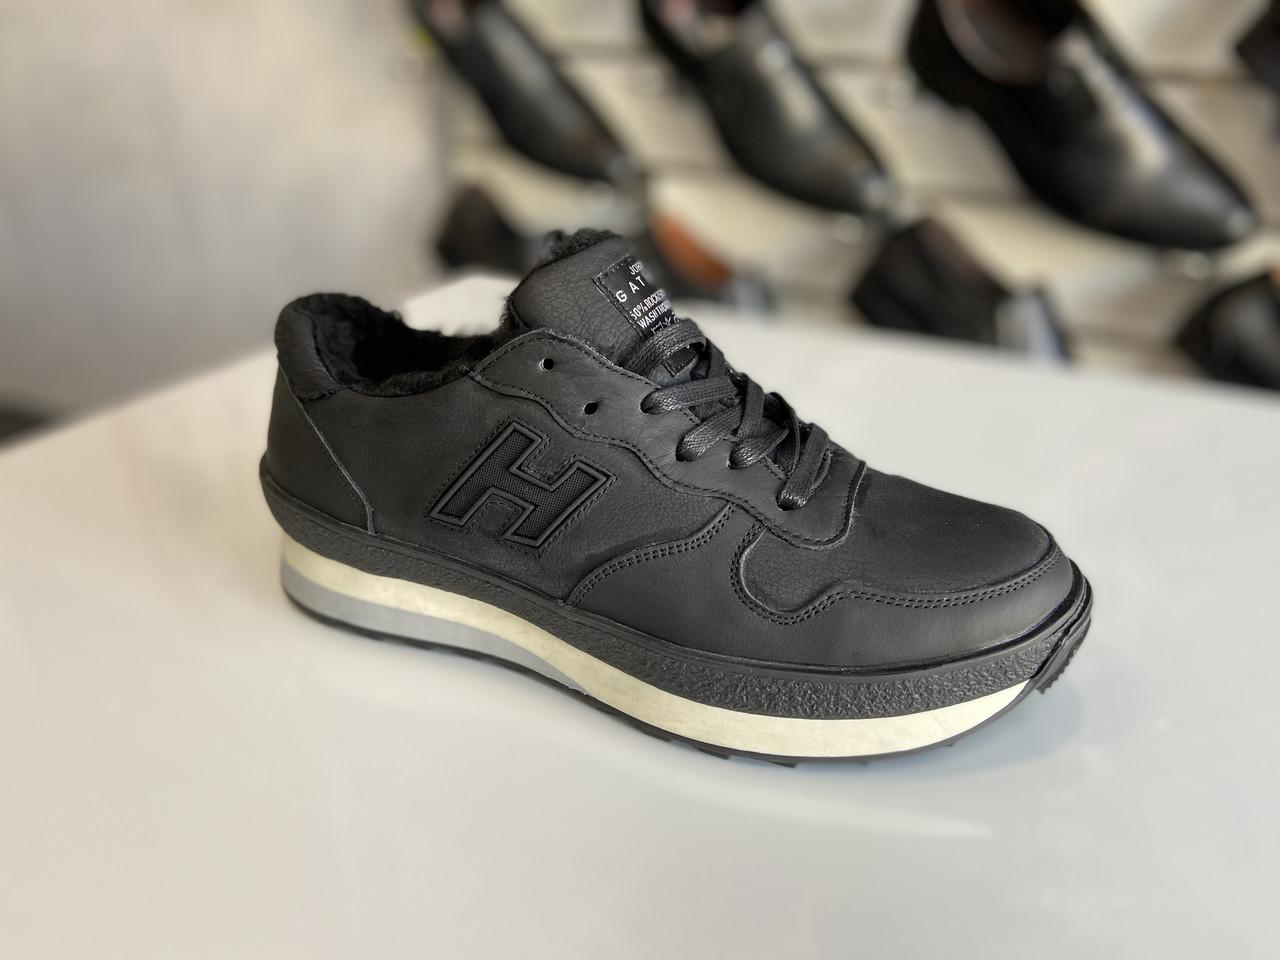 Мужские зимние кожаные кроссовки Gattini размеры 38,39,40,41,42,43,44-45